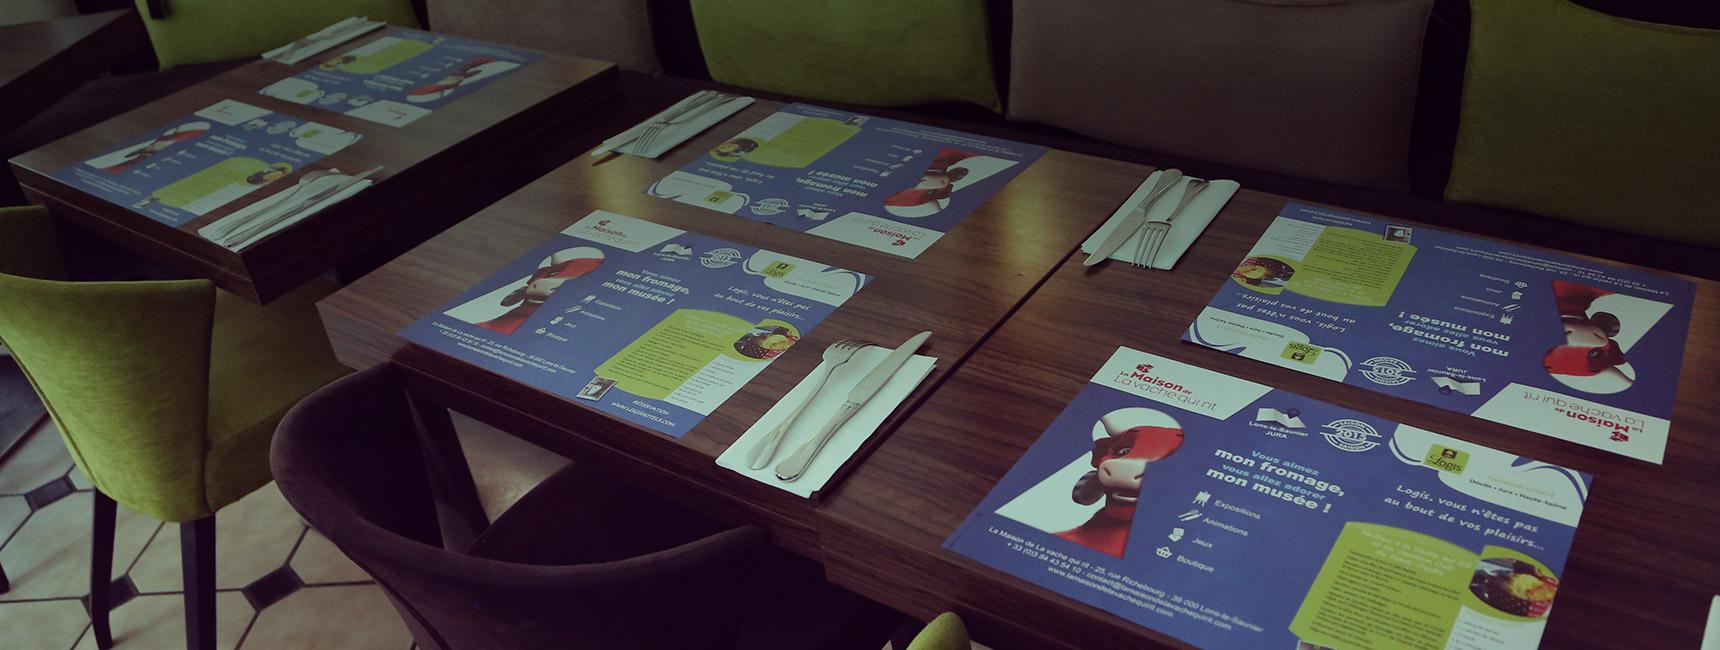 Set de table publicitaire, support tactique - Média tactique - Keemia Nantes Agence marketing local en région Atlantique